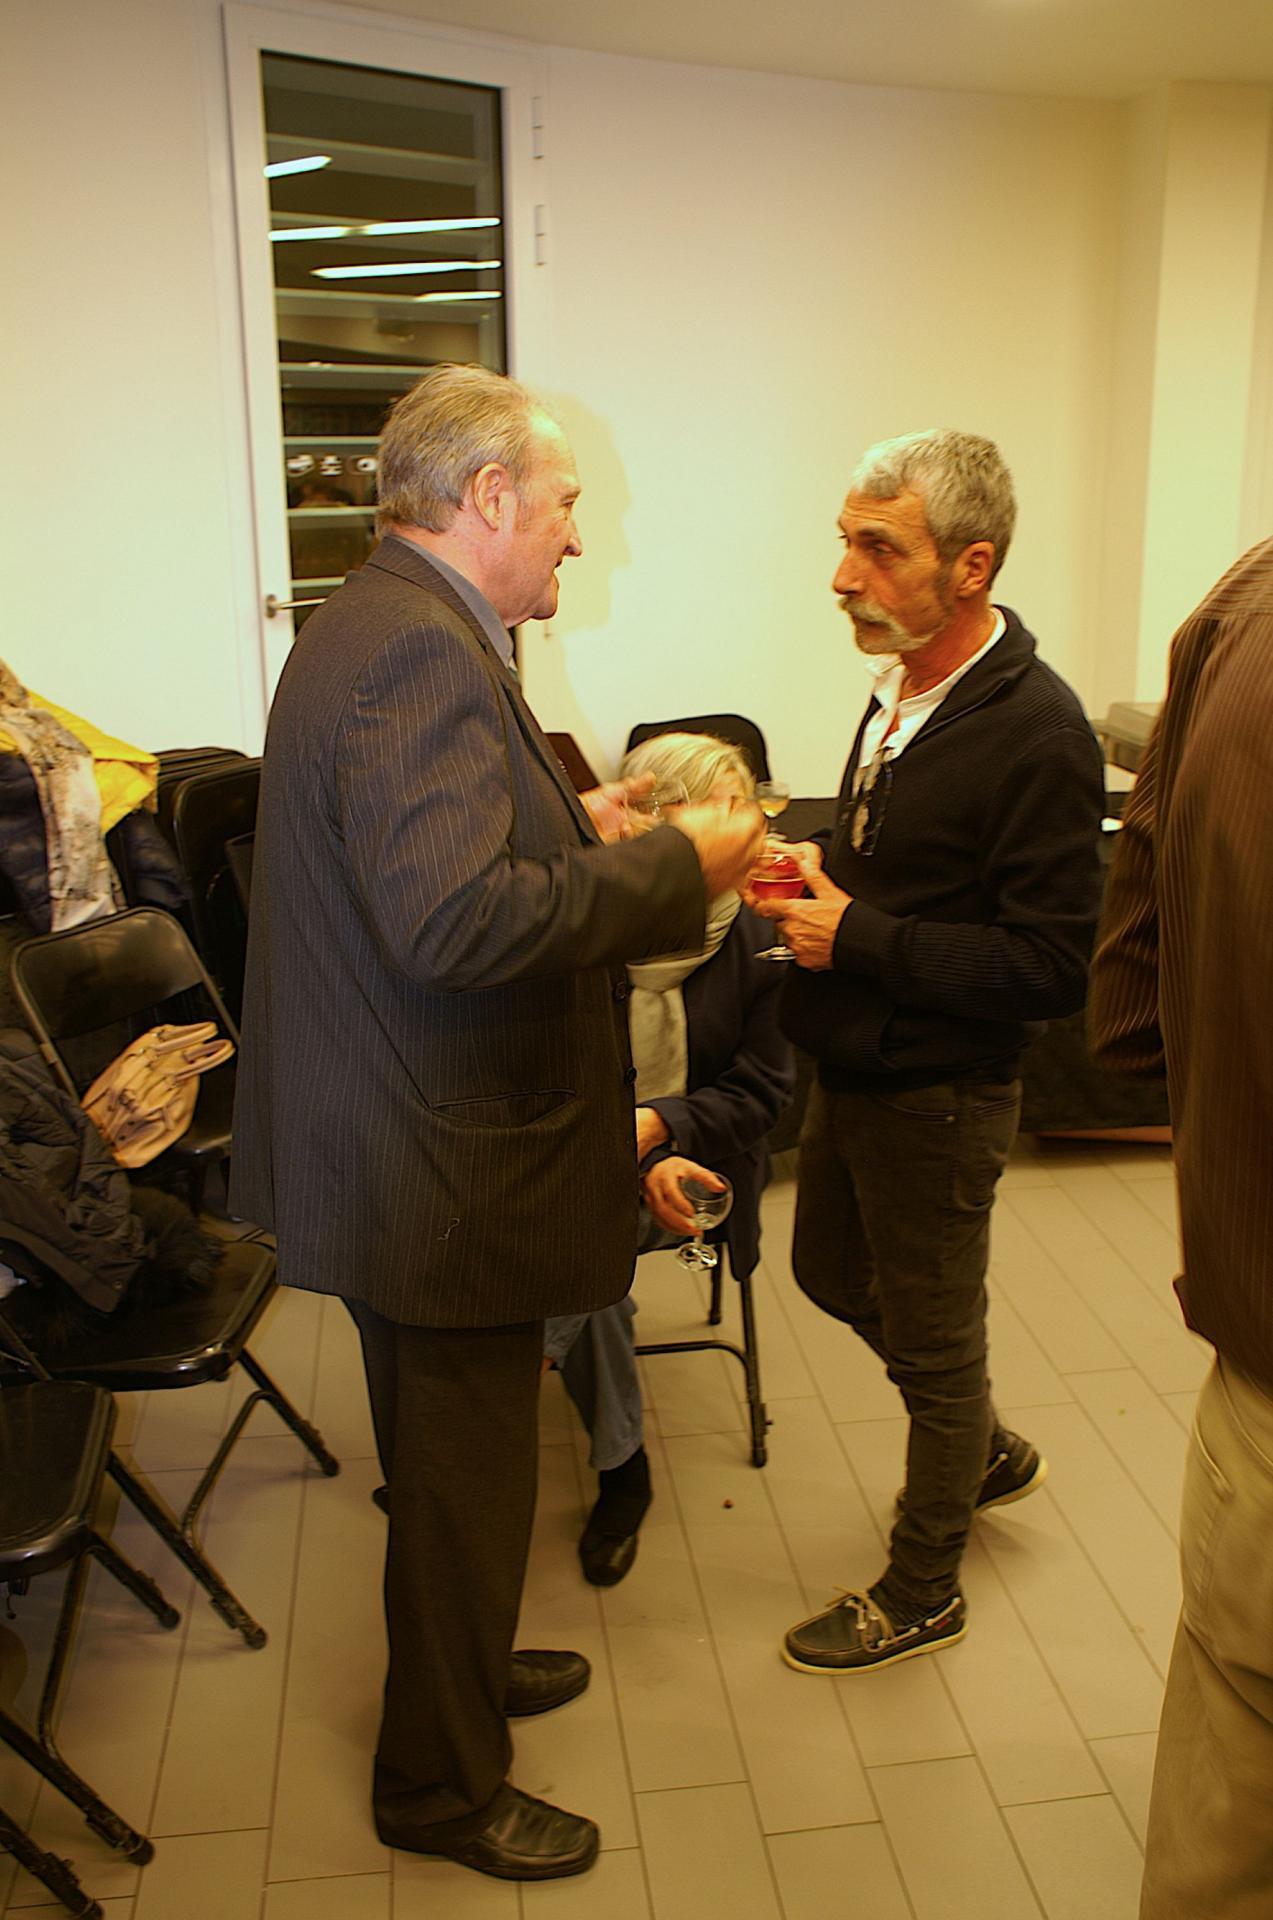 Notre président avec Alain.